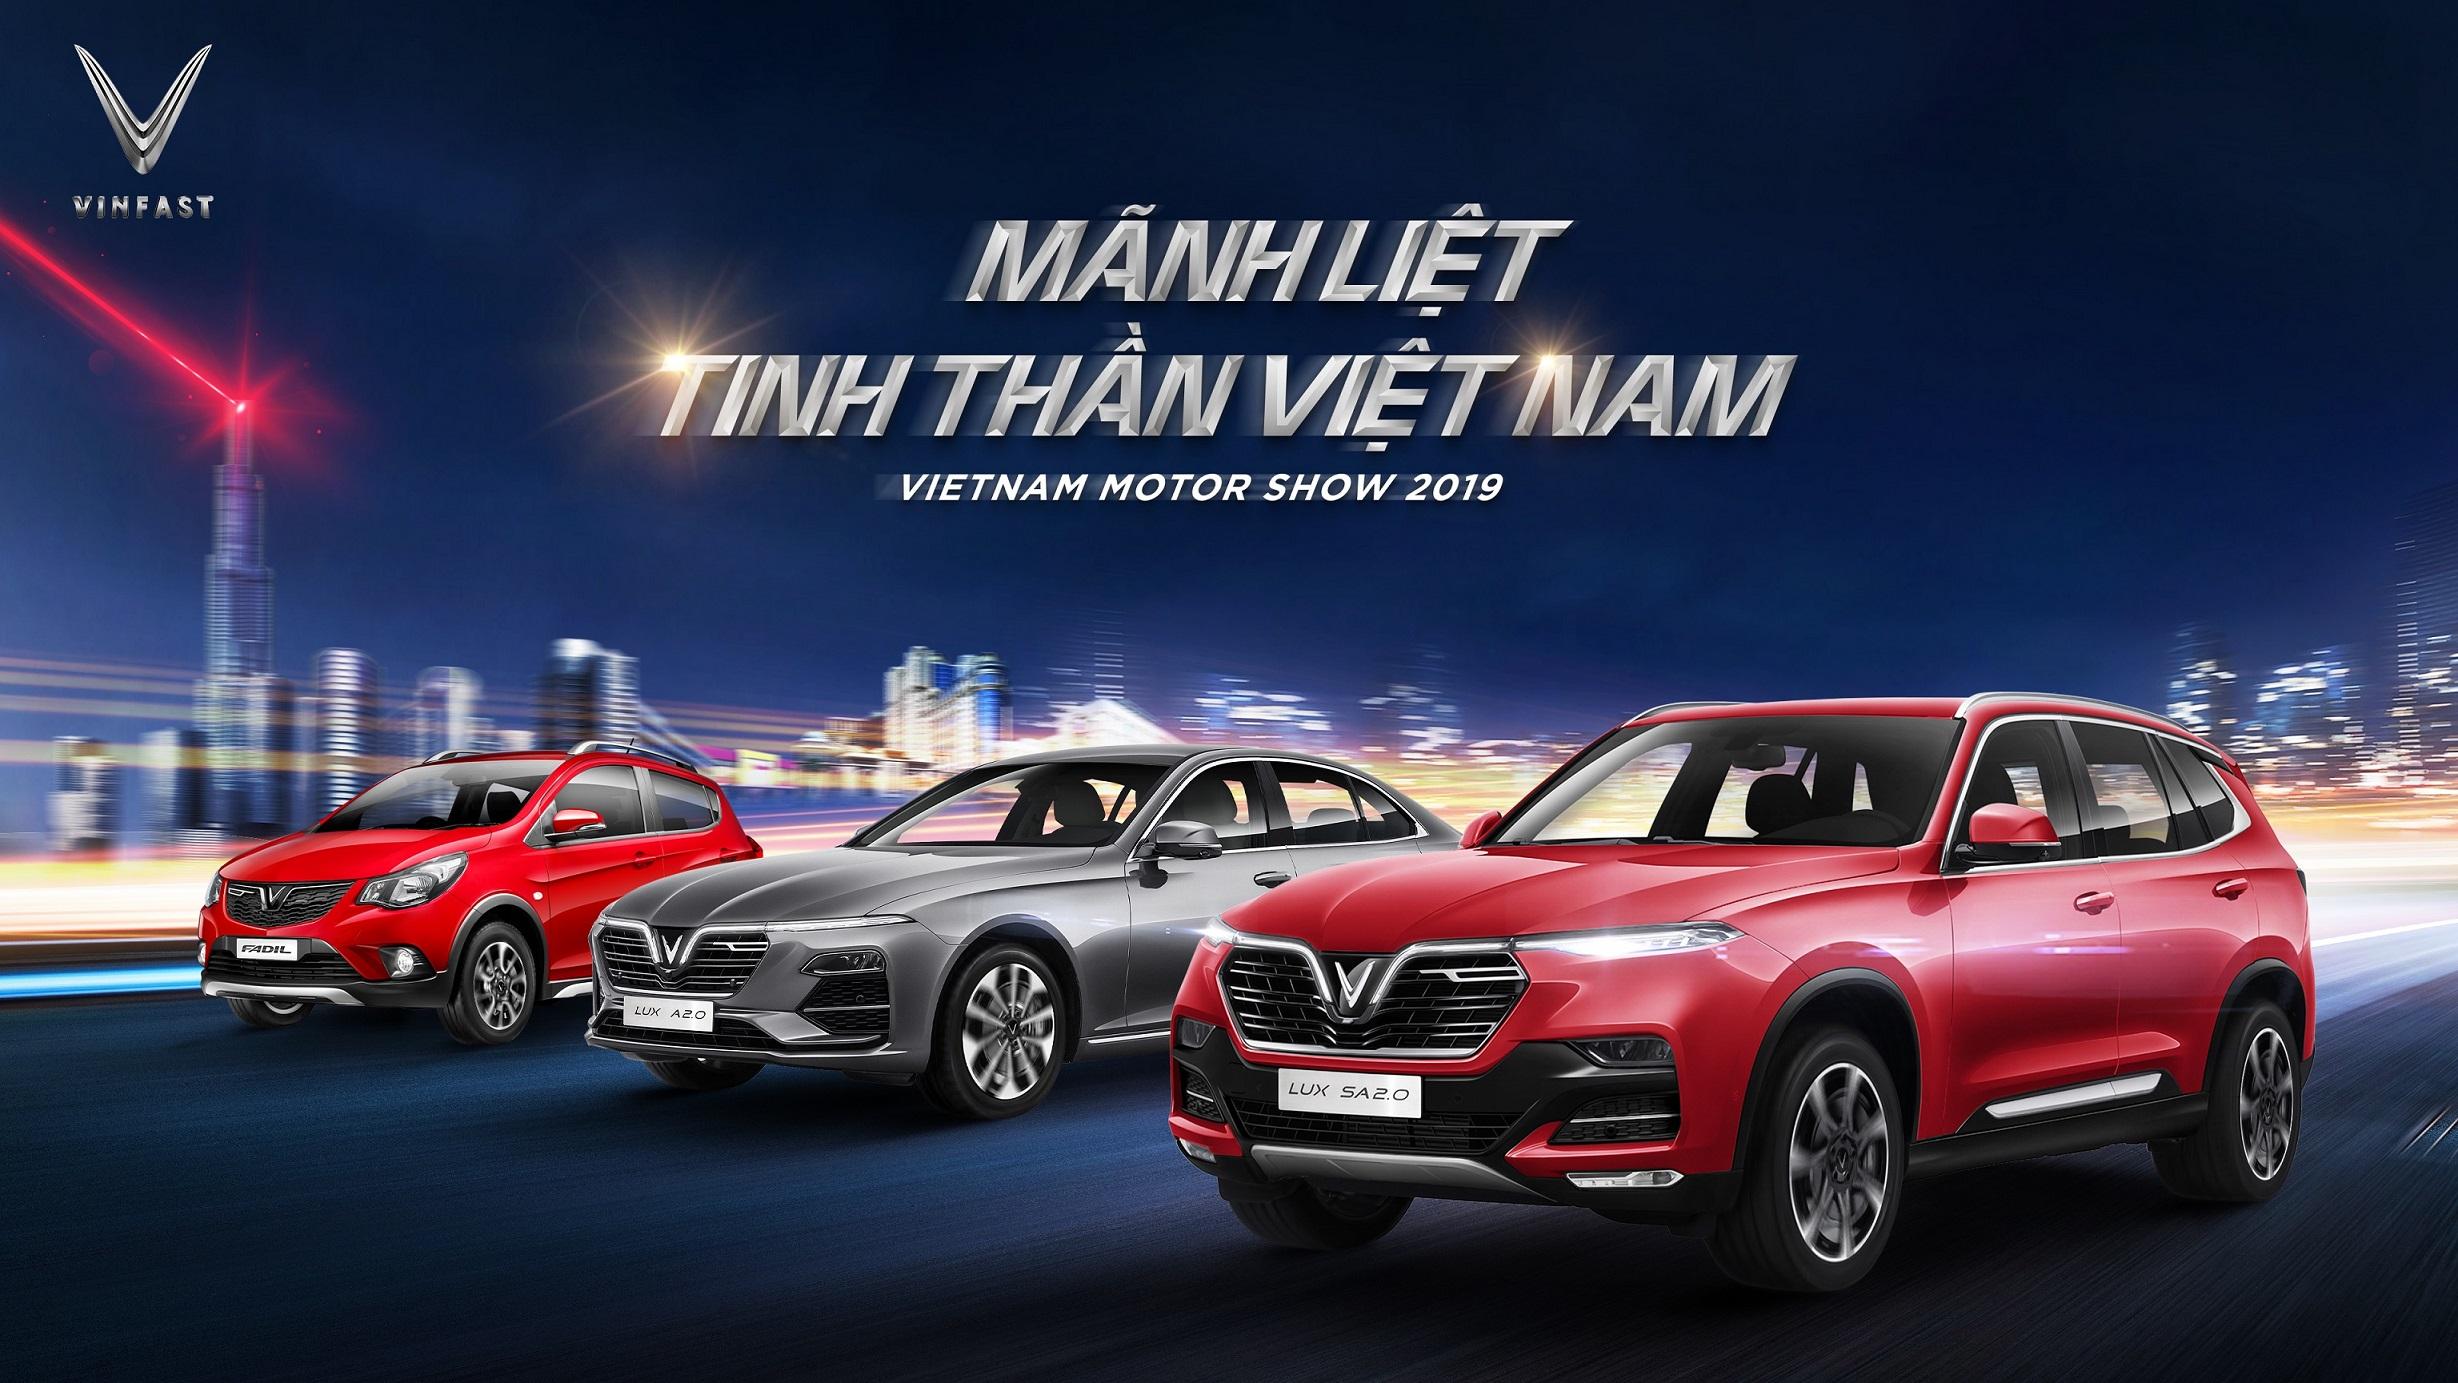 VinFast lần đầu tham dự triễn lãm ô tô VIETNAM MOTORSHOW 2019